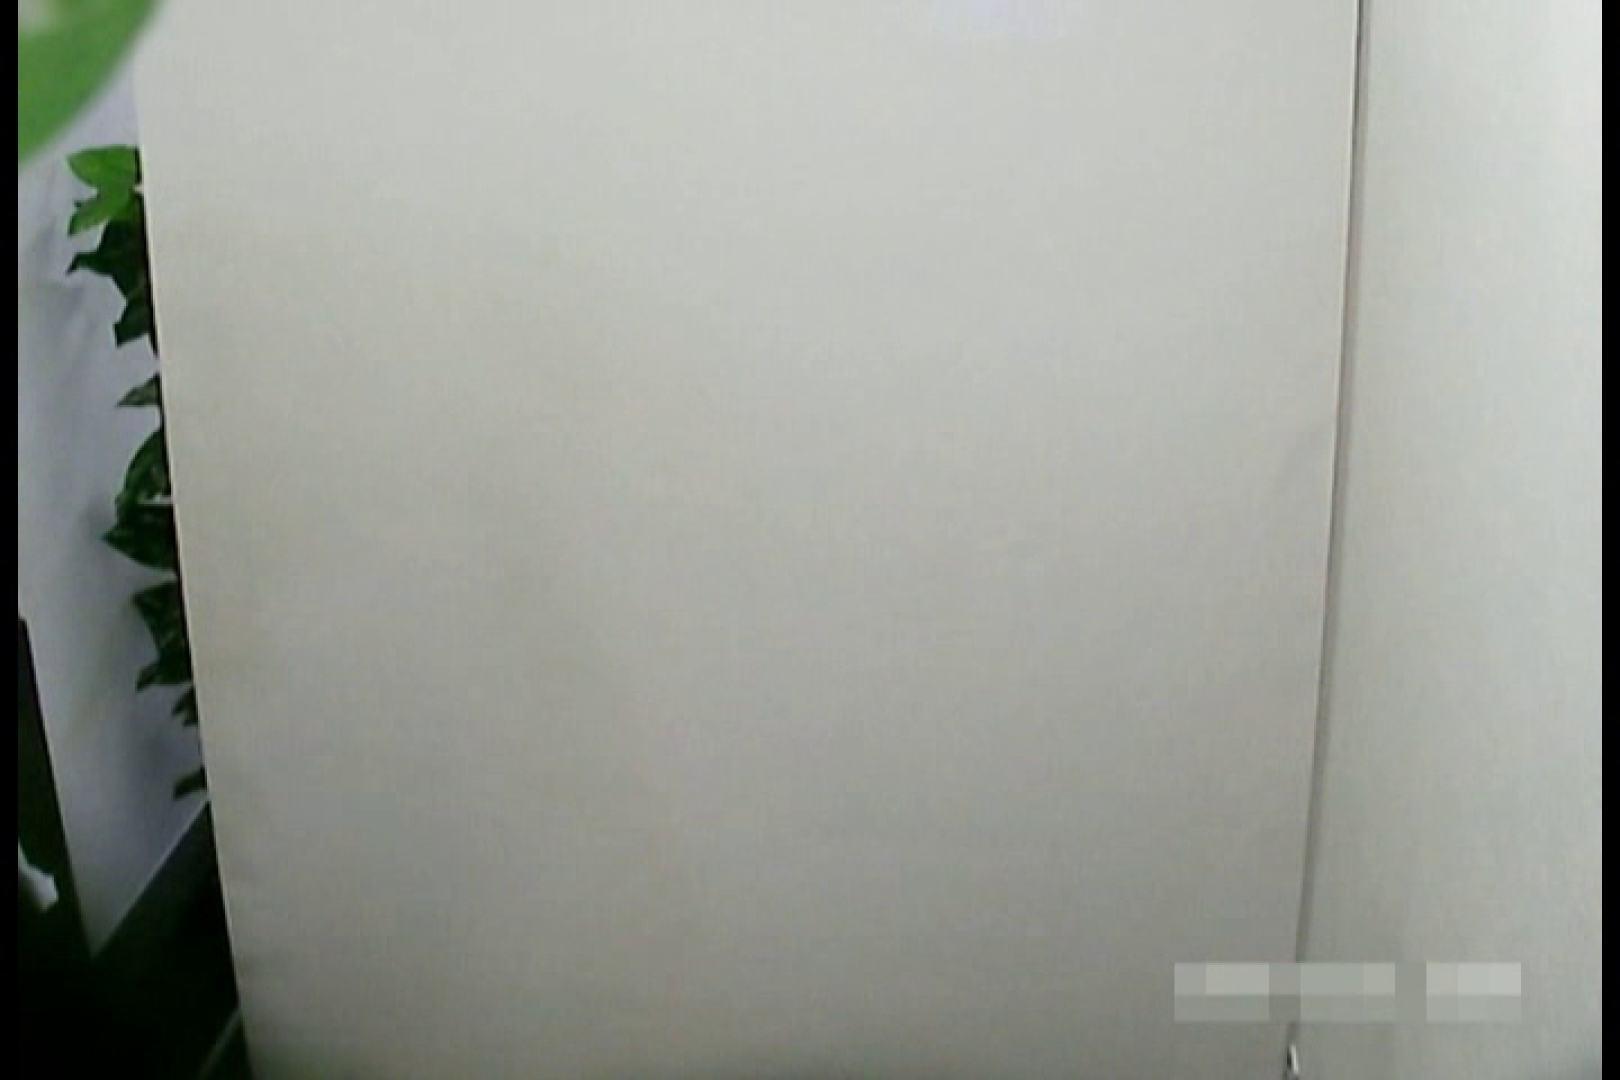 素人撮影 下着だけの撮影のはずが・・・エミちゃん18歳 特撮オマンコ | 水着娘  105連発 105